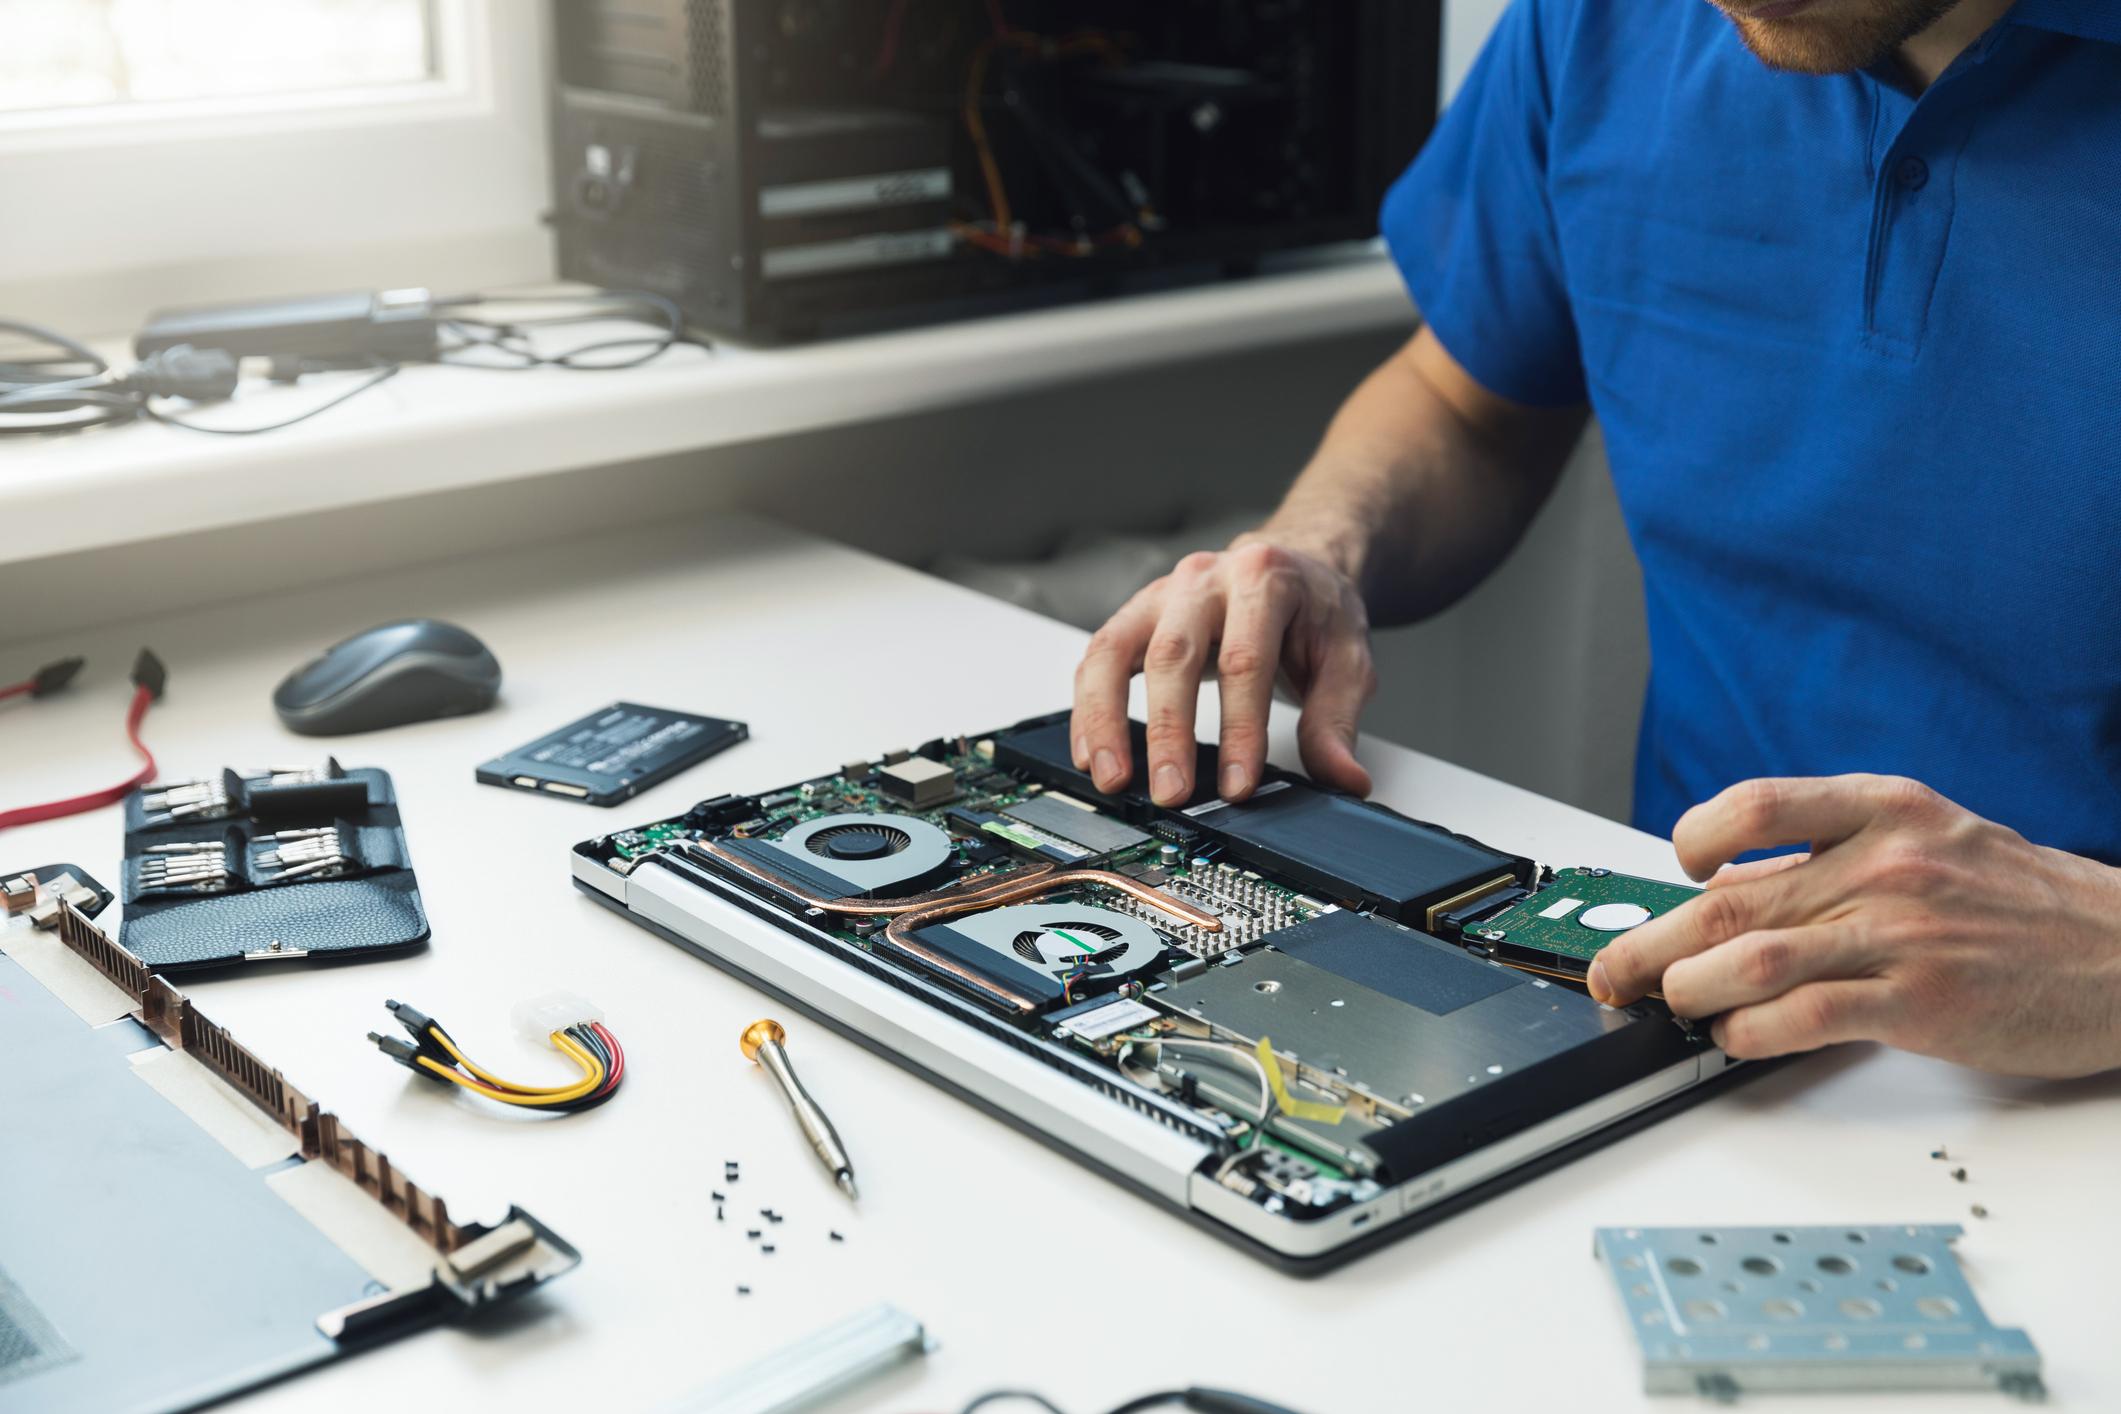 A man at a desk assembling a laptop